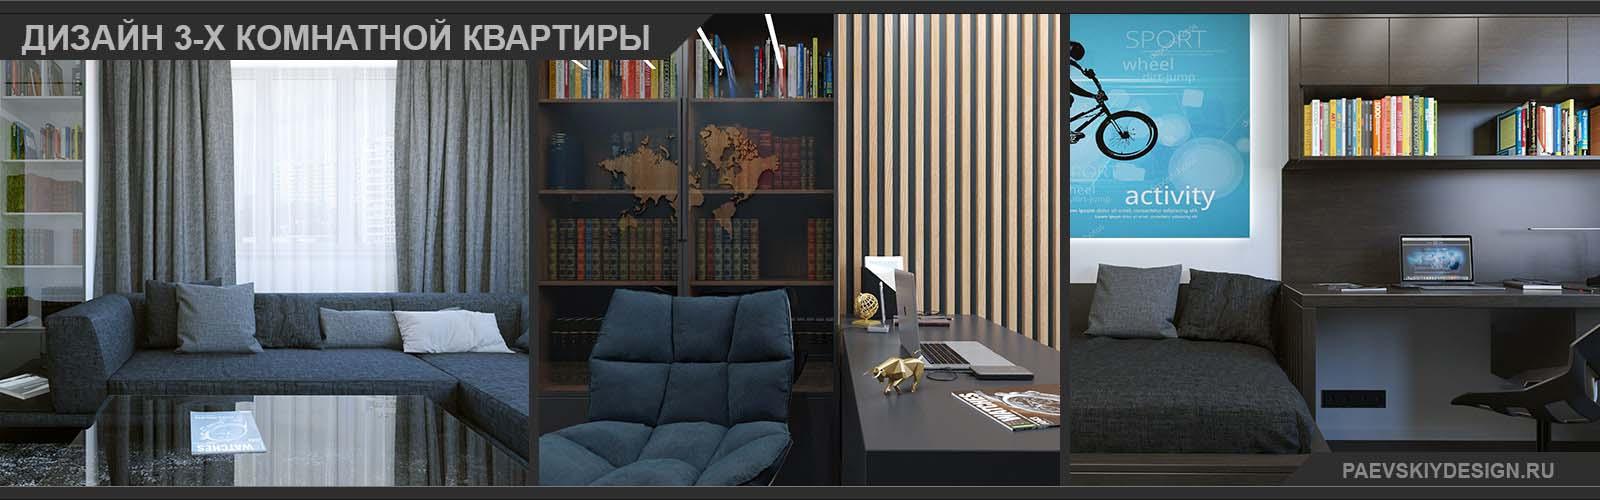 Дизайн проект трехкомнатной квартиры в Москве под ключ заказать